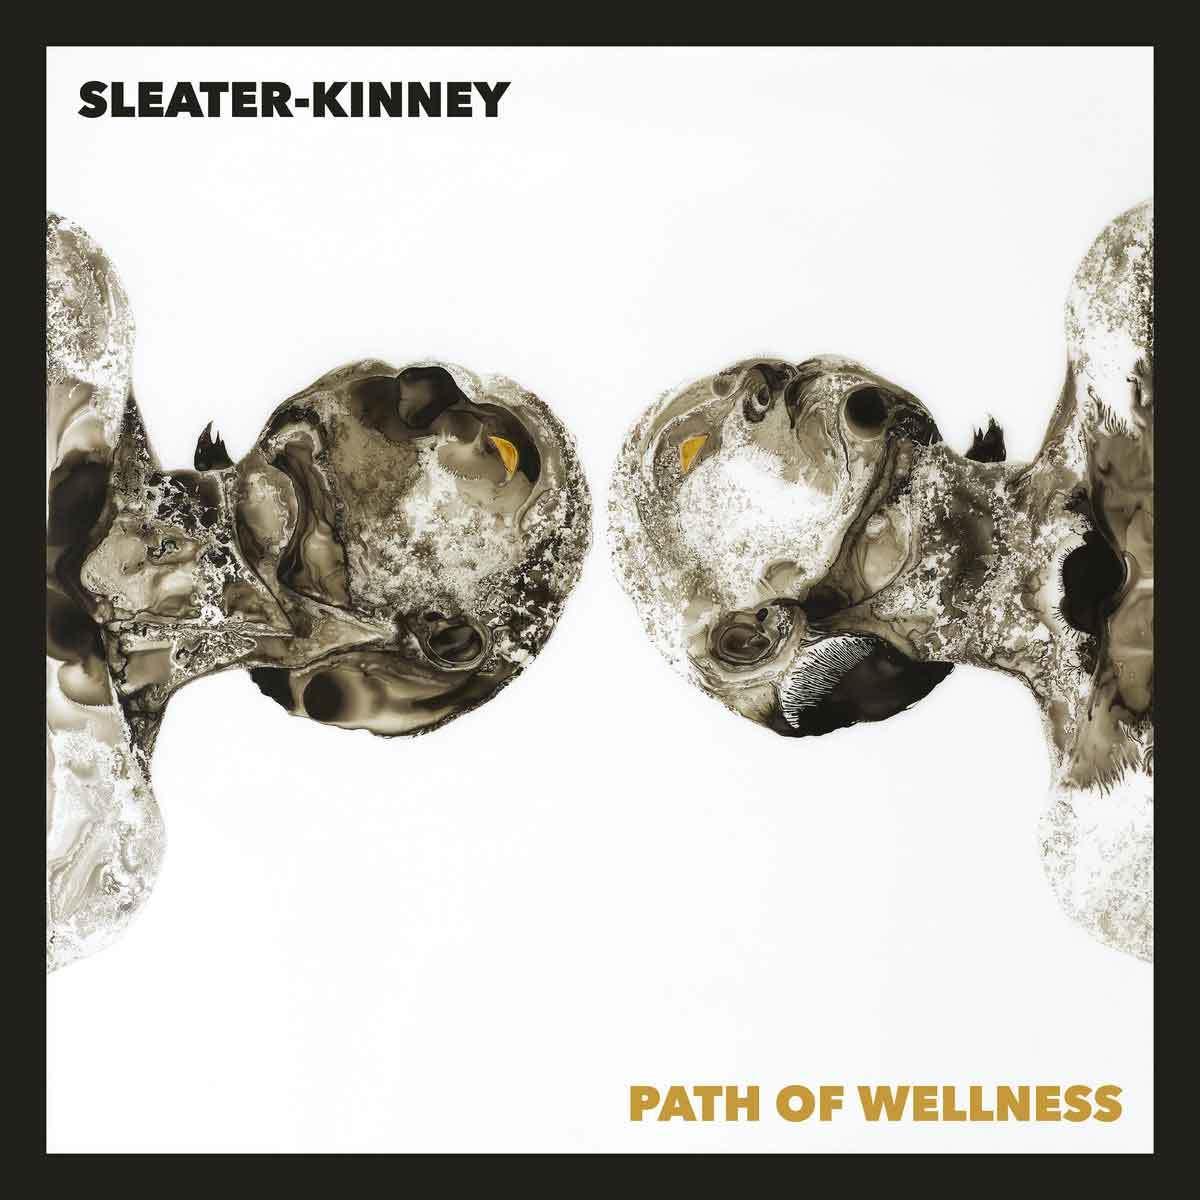 Tapa de Path of Wellness, disco de Sleater-Kinney